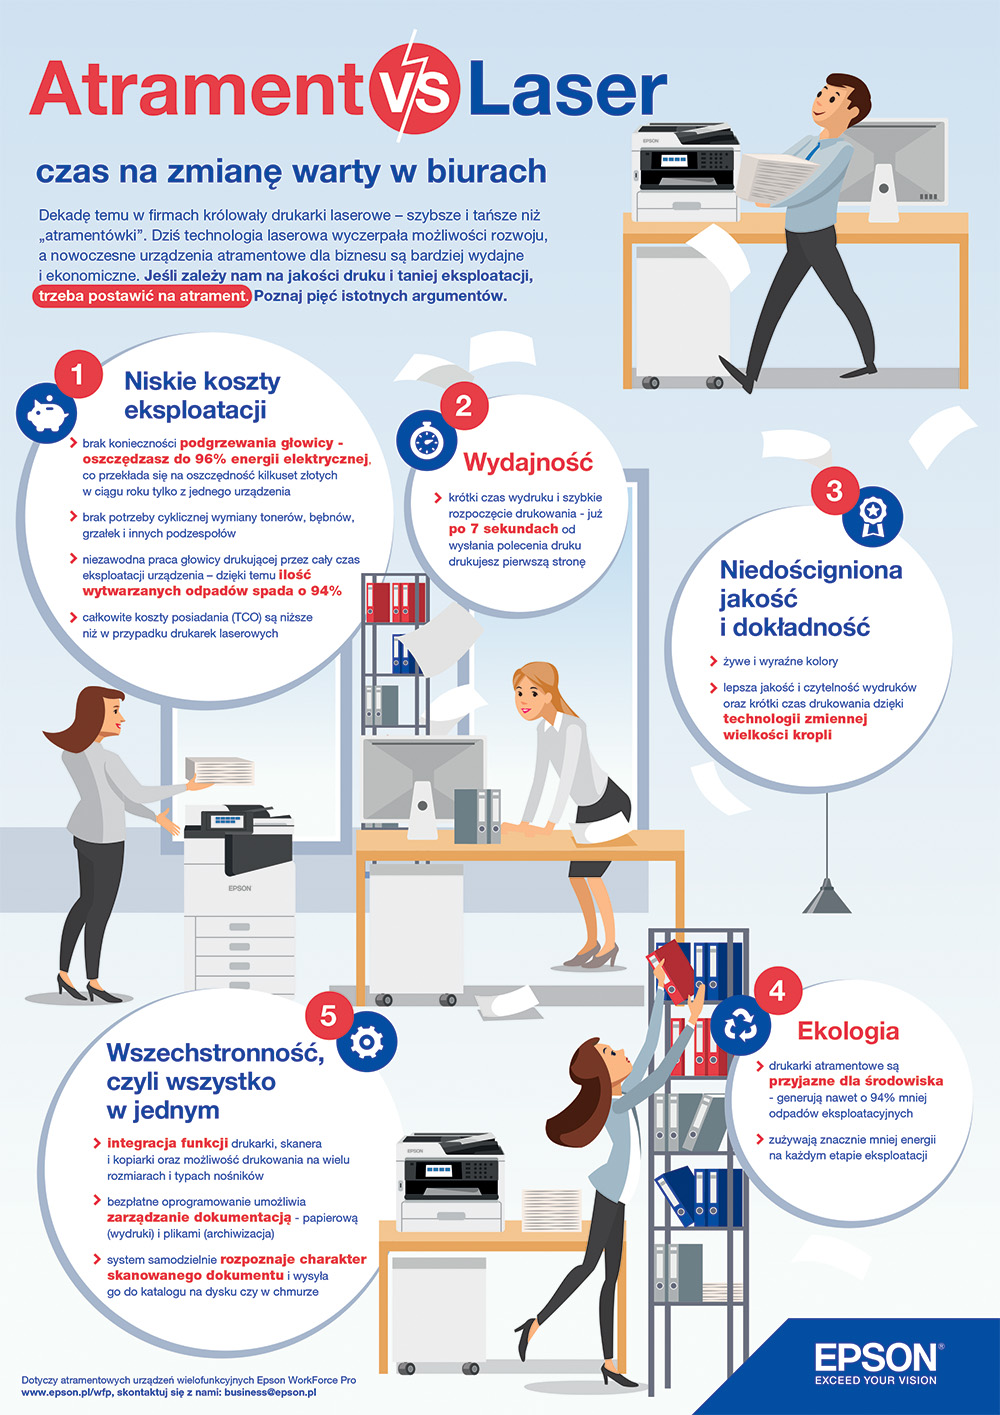 epson_infografika_atrament vs laser_biuro.jpg